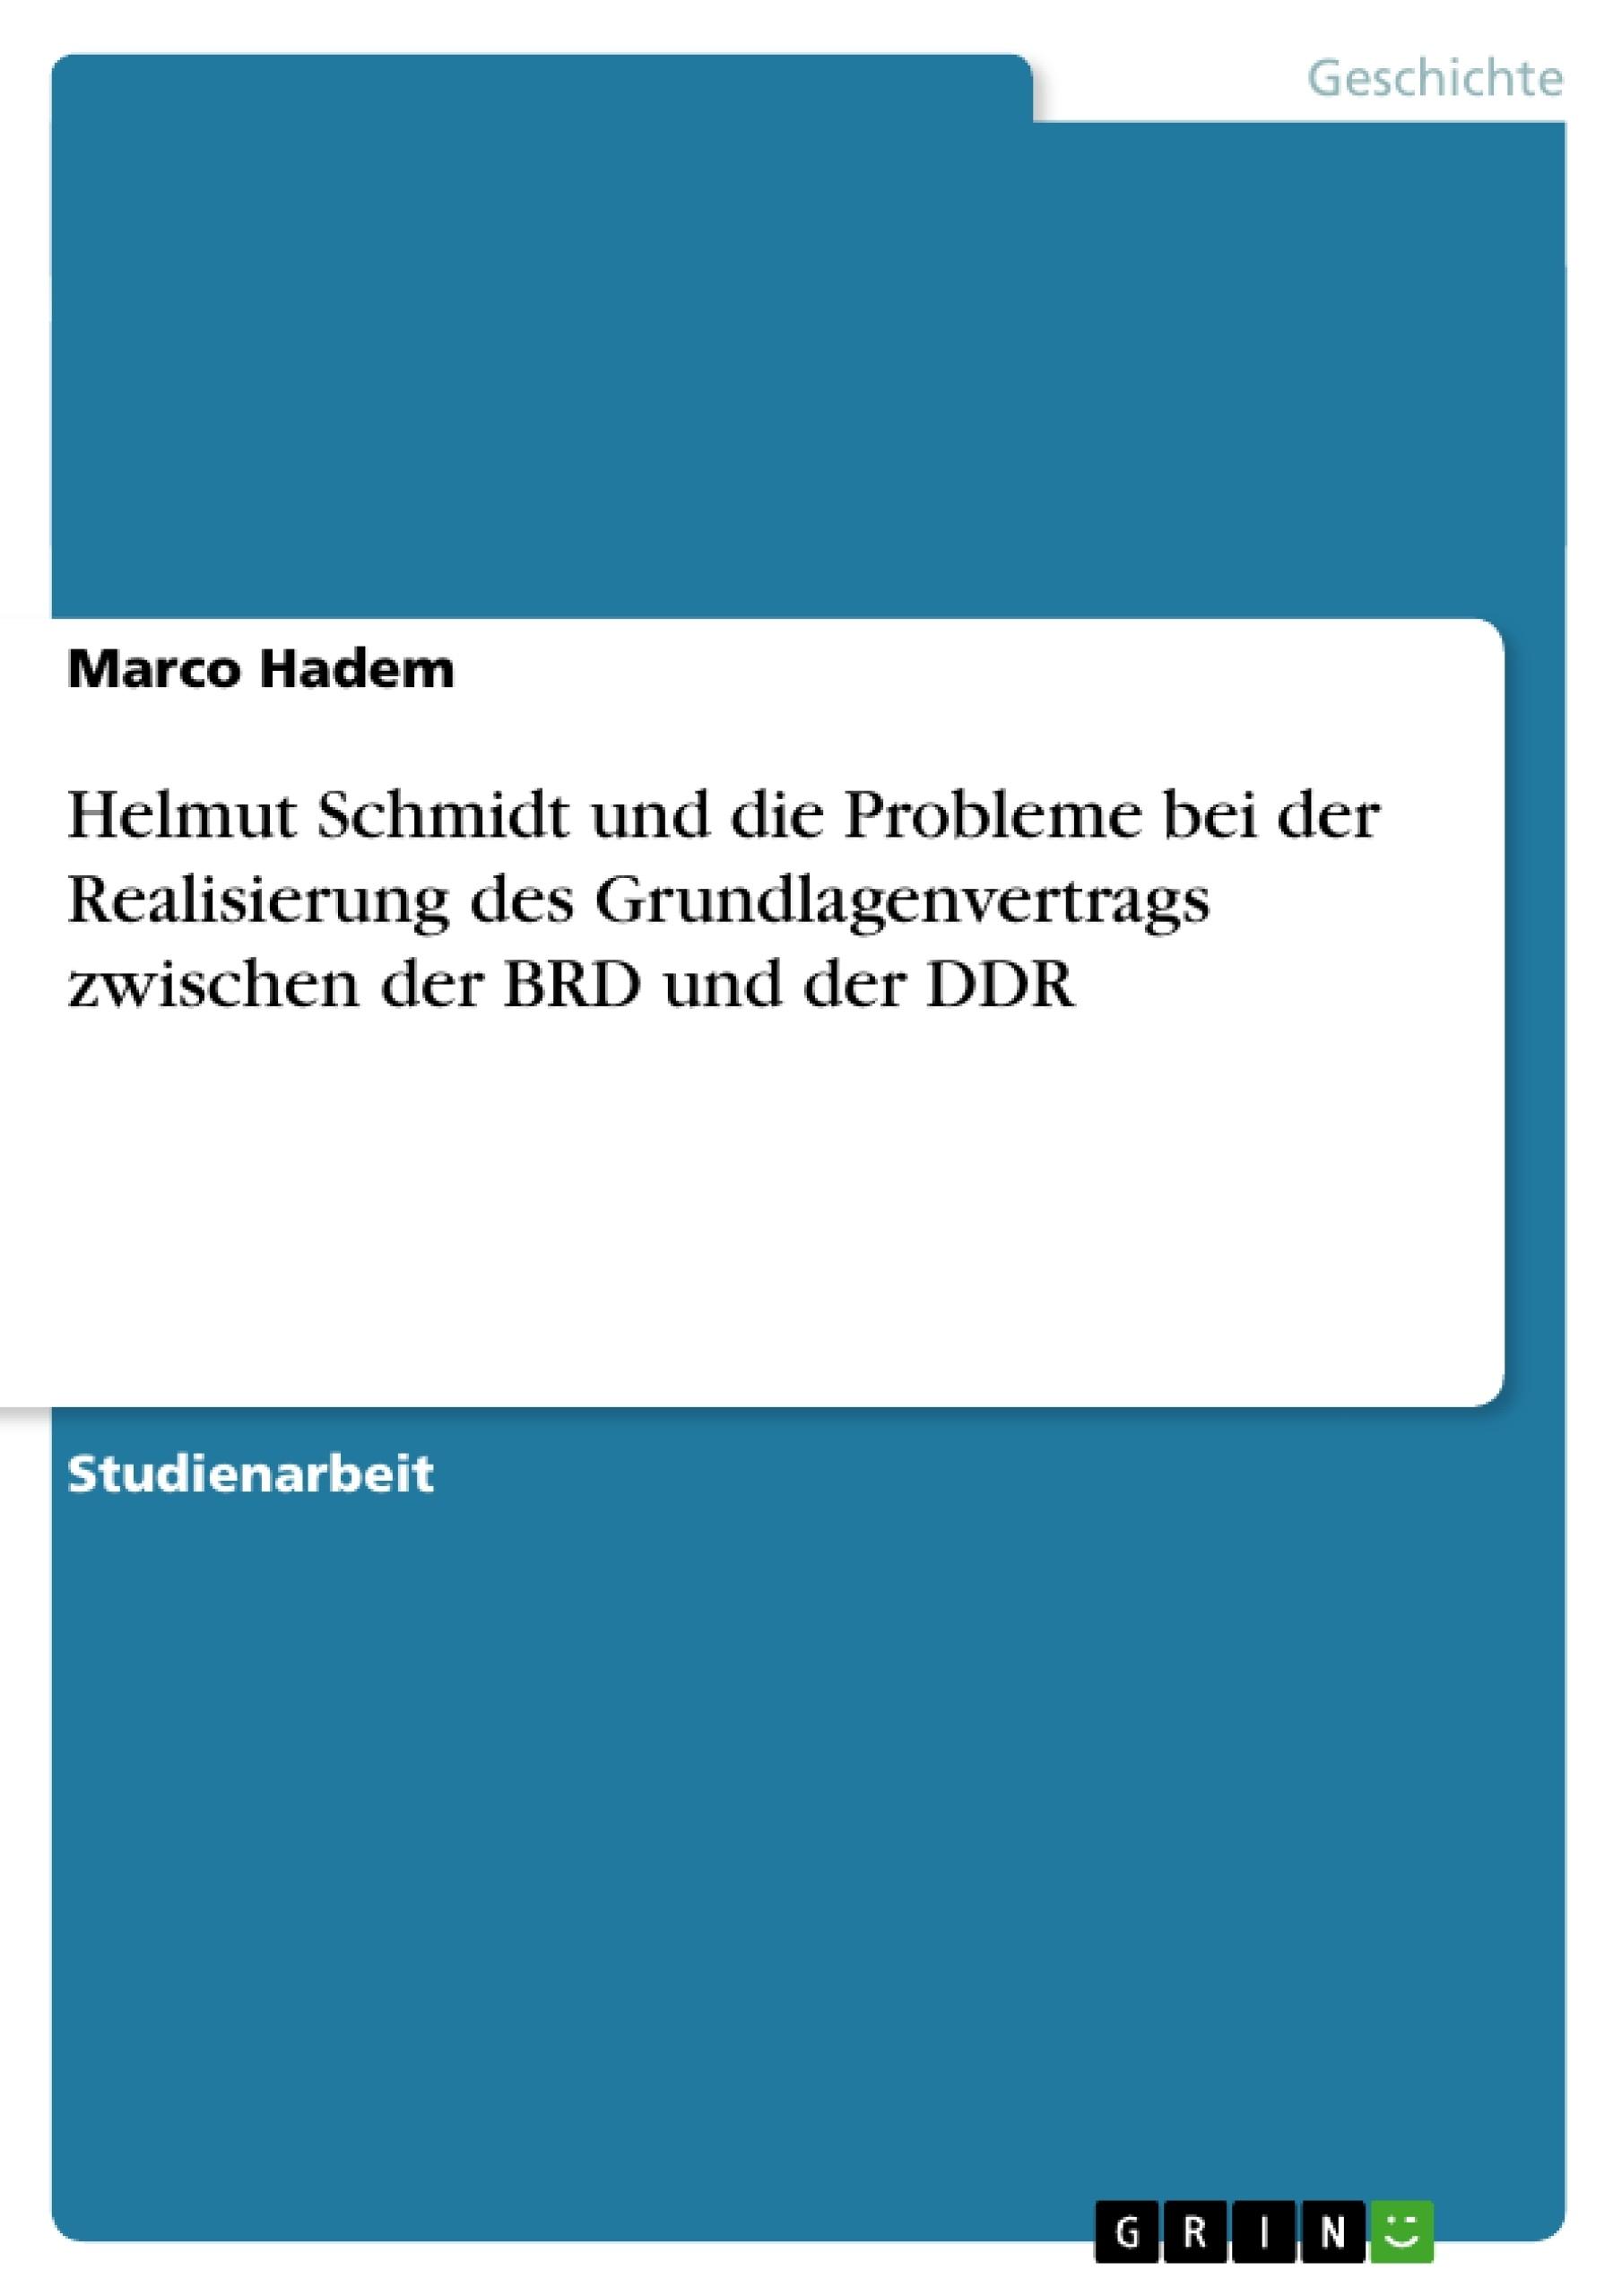 Titel: Helmut Schmidt und die Probleme bei der Realisierung des Grundlagenvertrags zwischen der BRD und der DDR